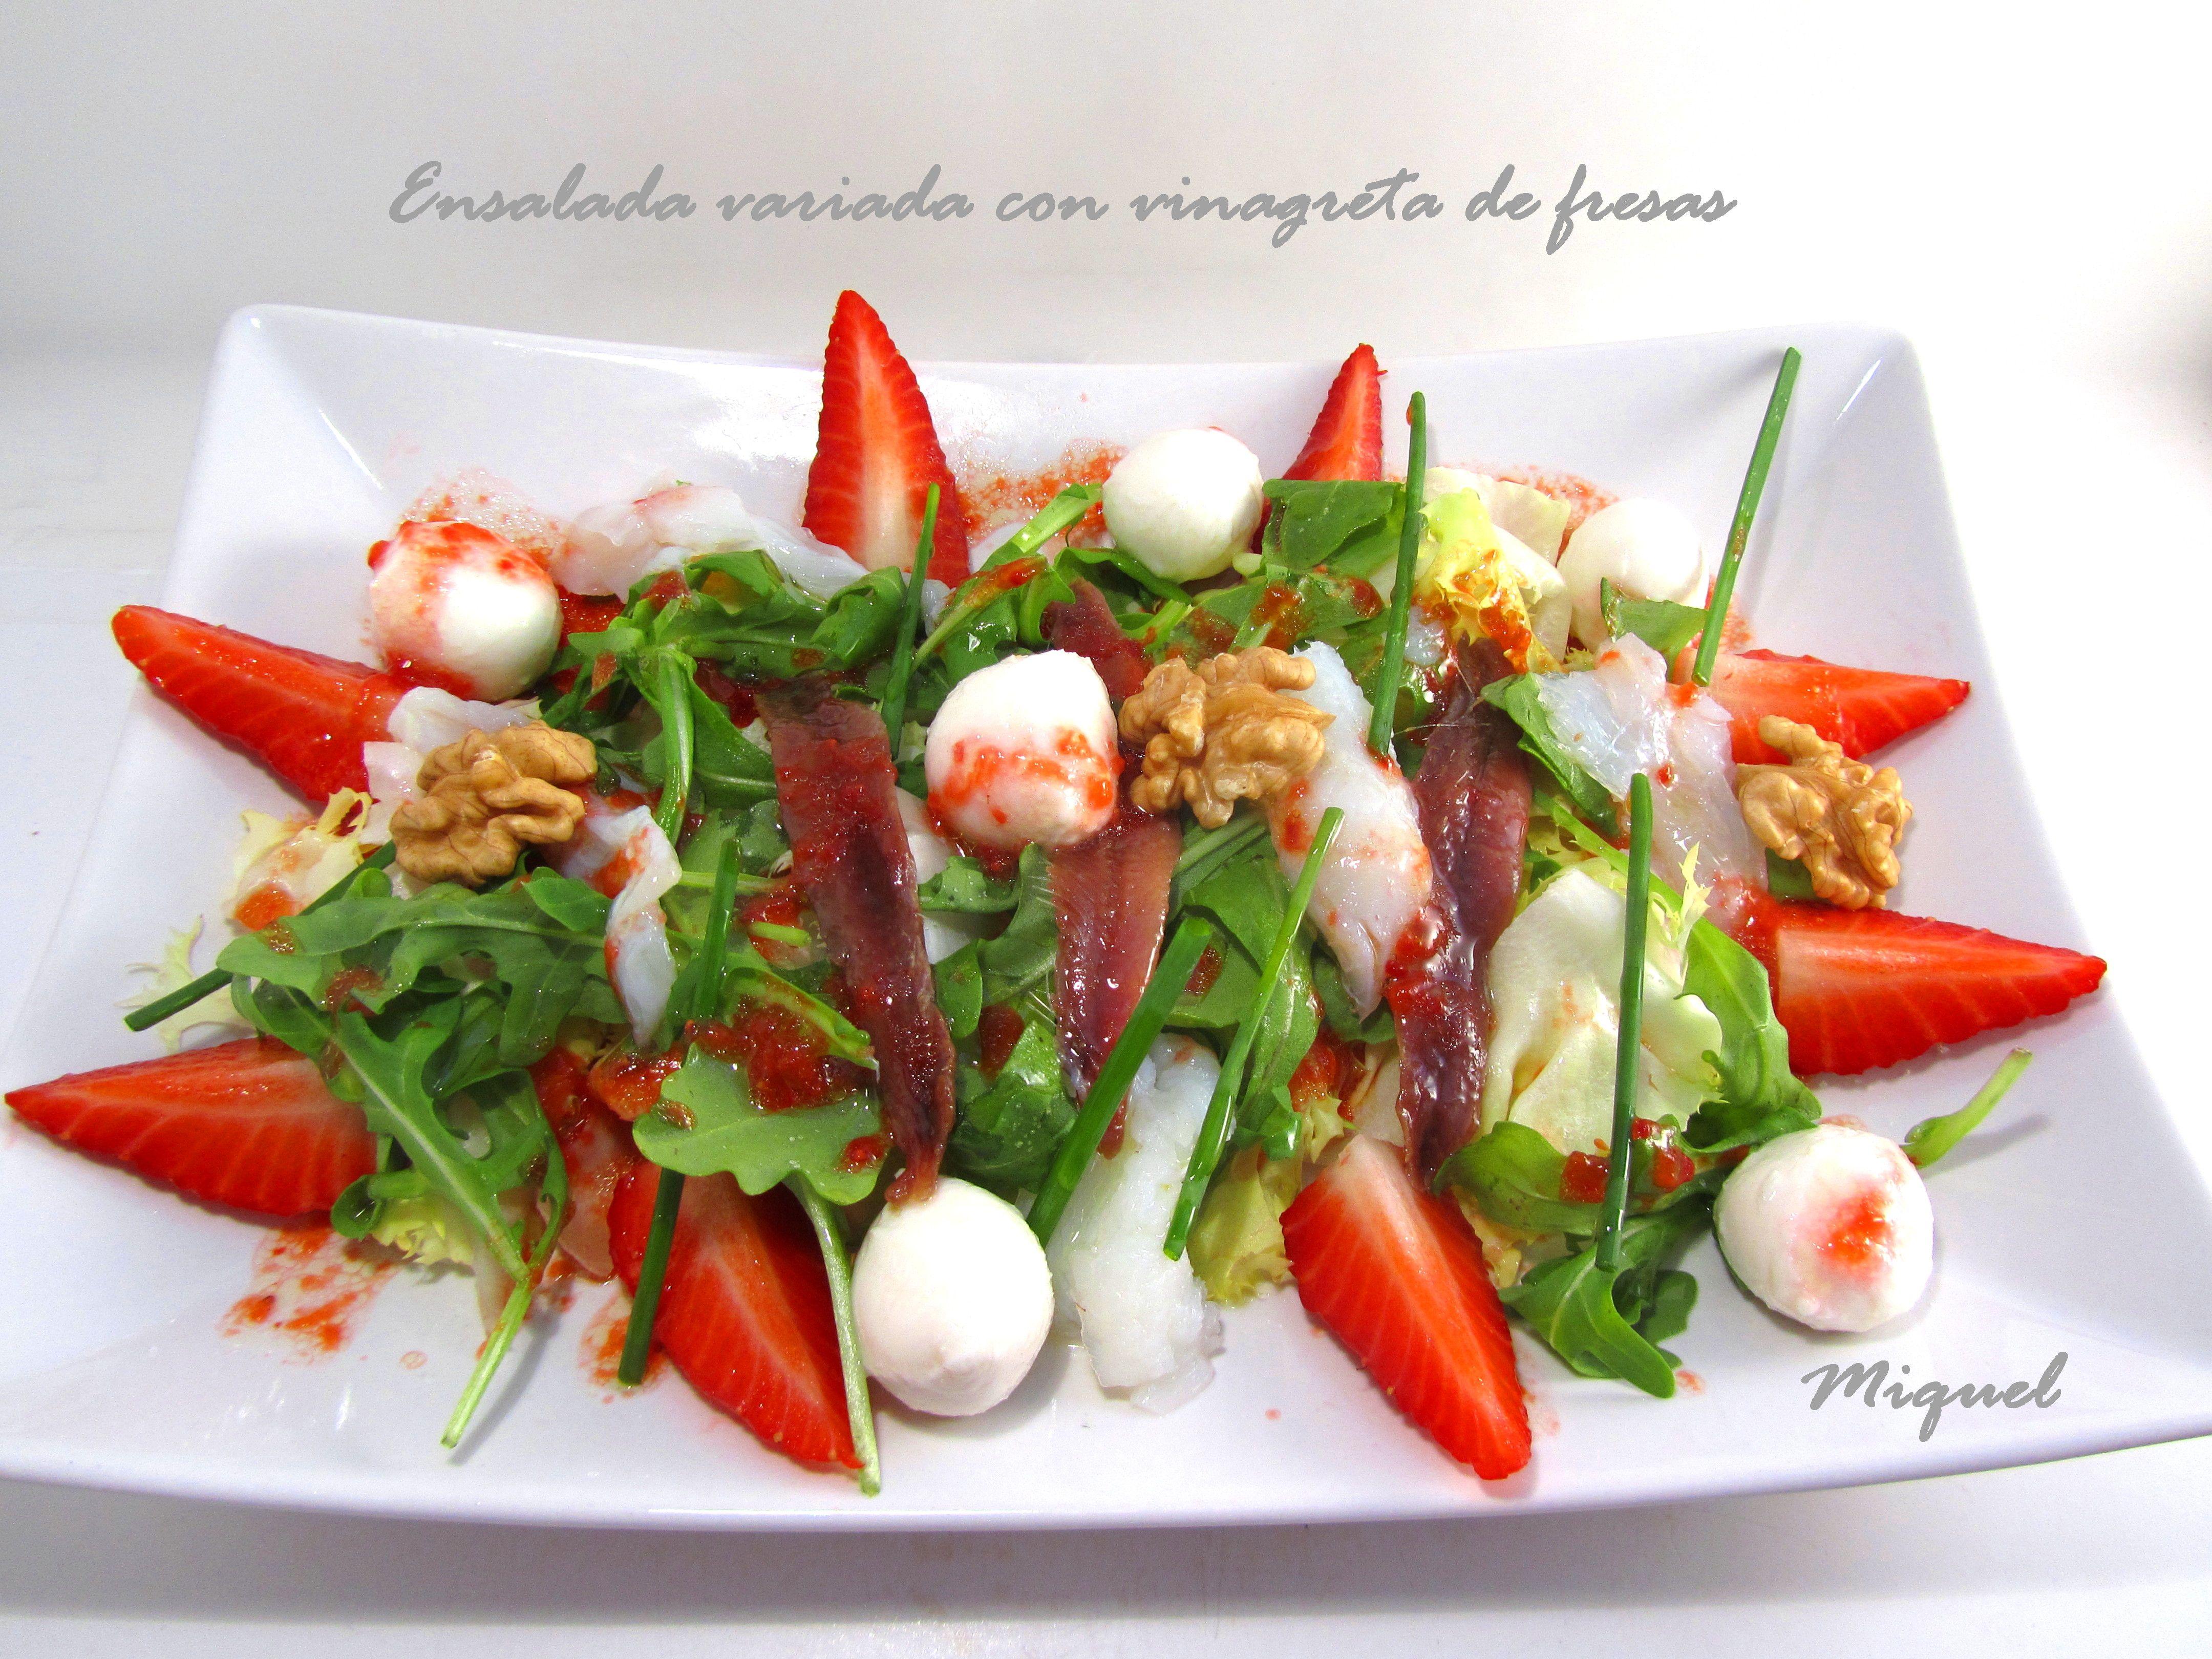 http://lesreceptesdelmiquel.blogspot.com.es/2015/06/ensalada-variada-con-vinagreta-de.html